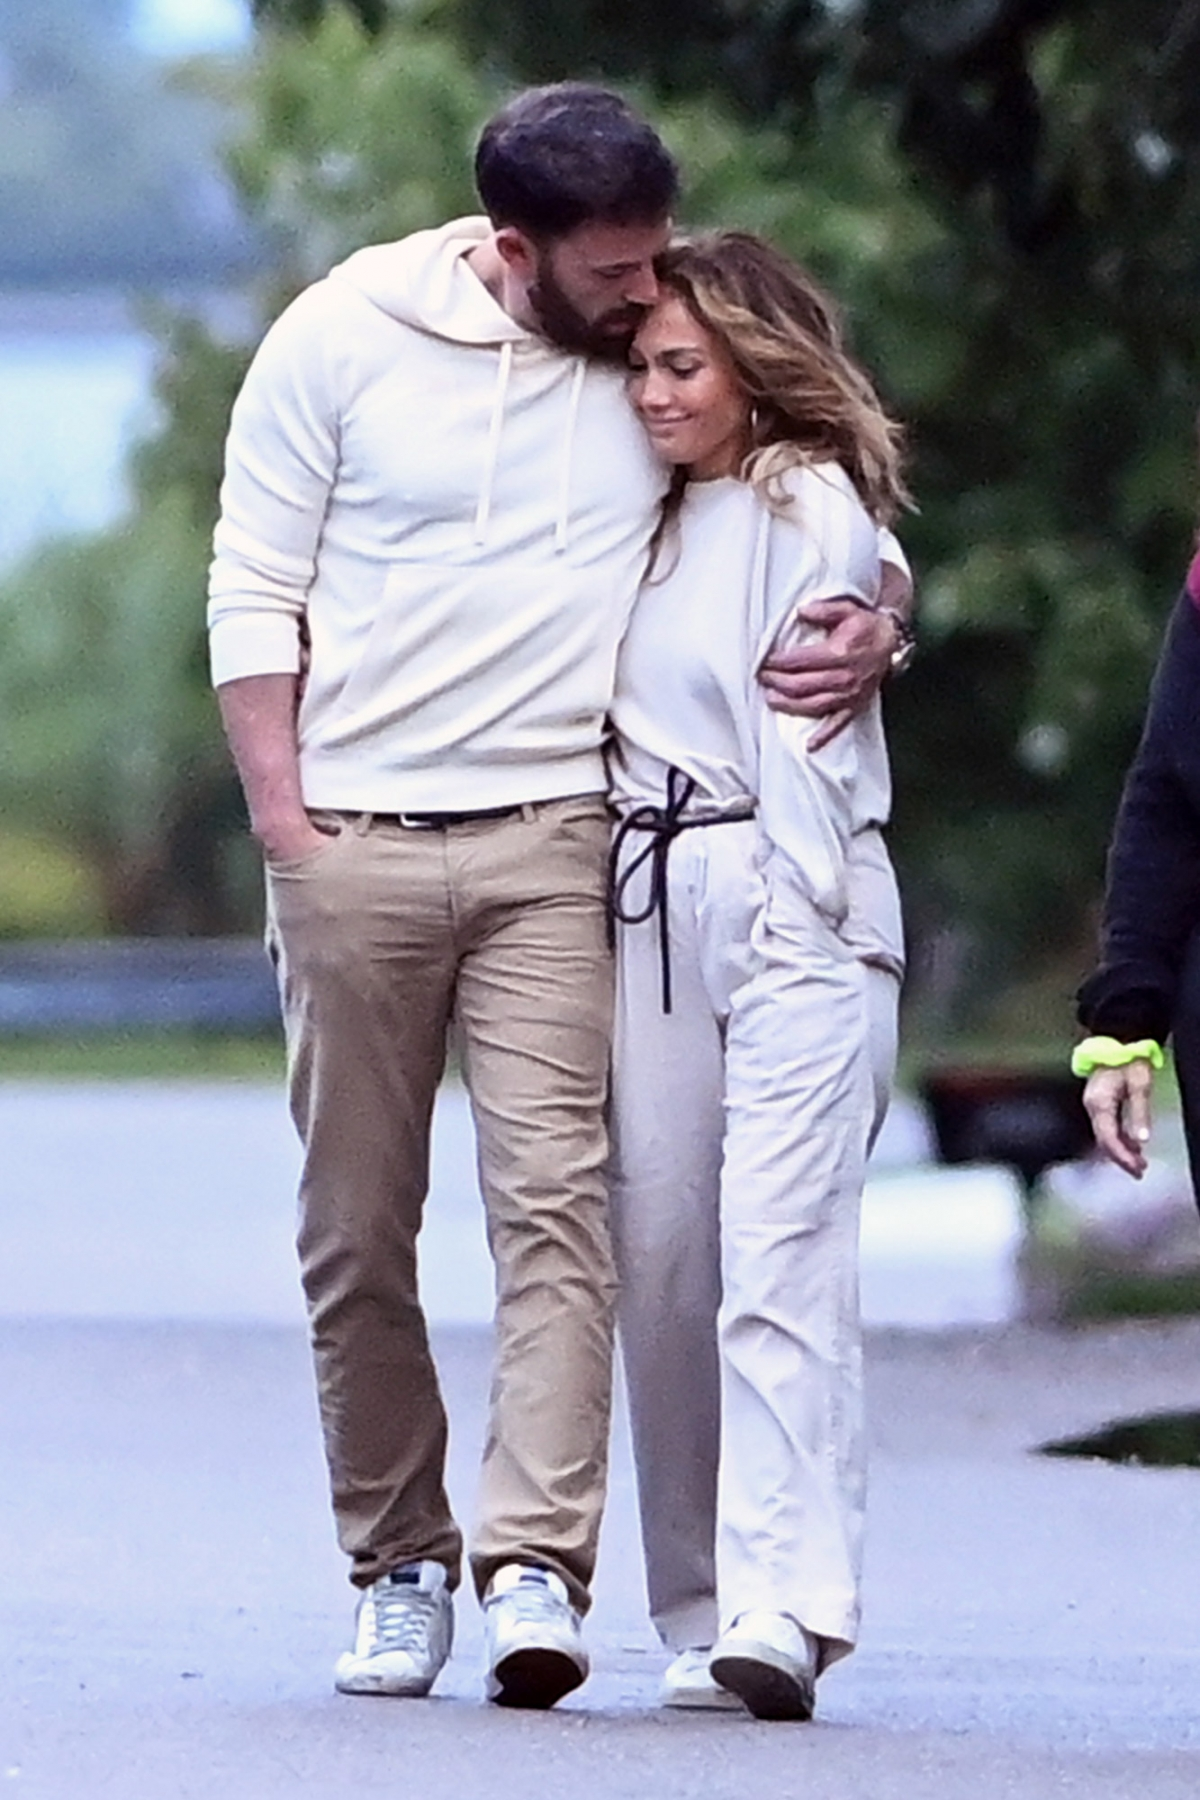 Jennifer Lopez từng hẹn hò với Ben Affleck vào tháng 7/2002 và đính hôn vào tháng 11 cùng năm, tuy nhiên lại hoãn đám cưới vào tháng 9/2003, ngay trước ngày cưới. Cuối cùng họ đã hủy bỏ hôn ước vào tháng 1/2004. Nguồn: Elder Ordonez/Splashnews.com